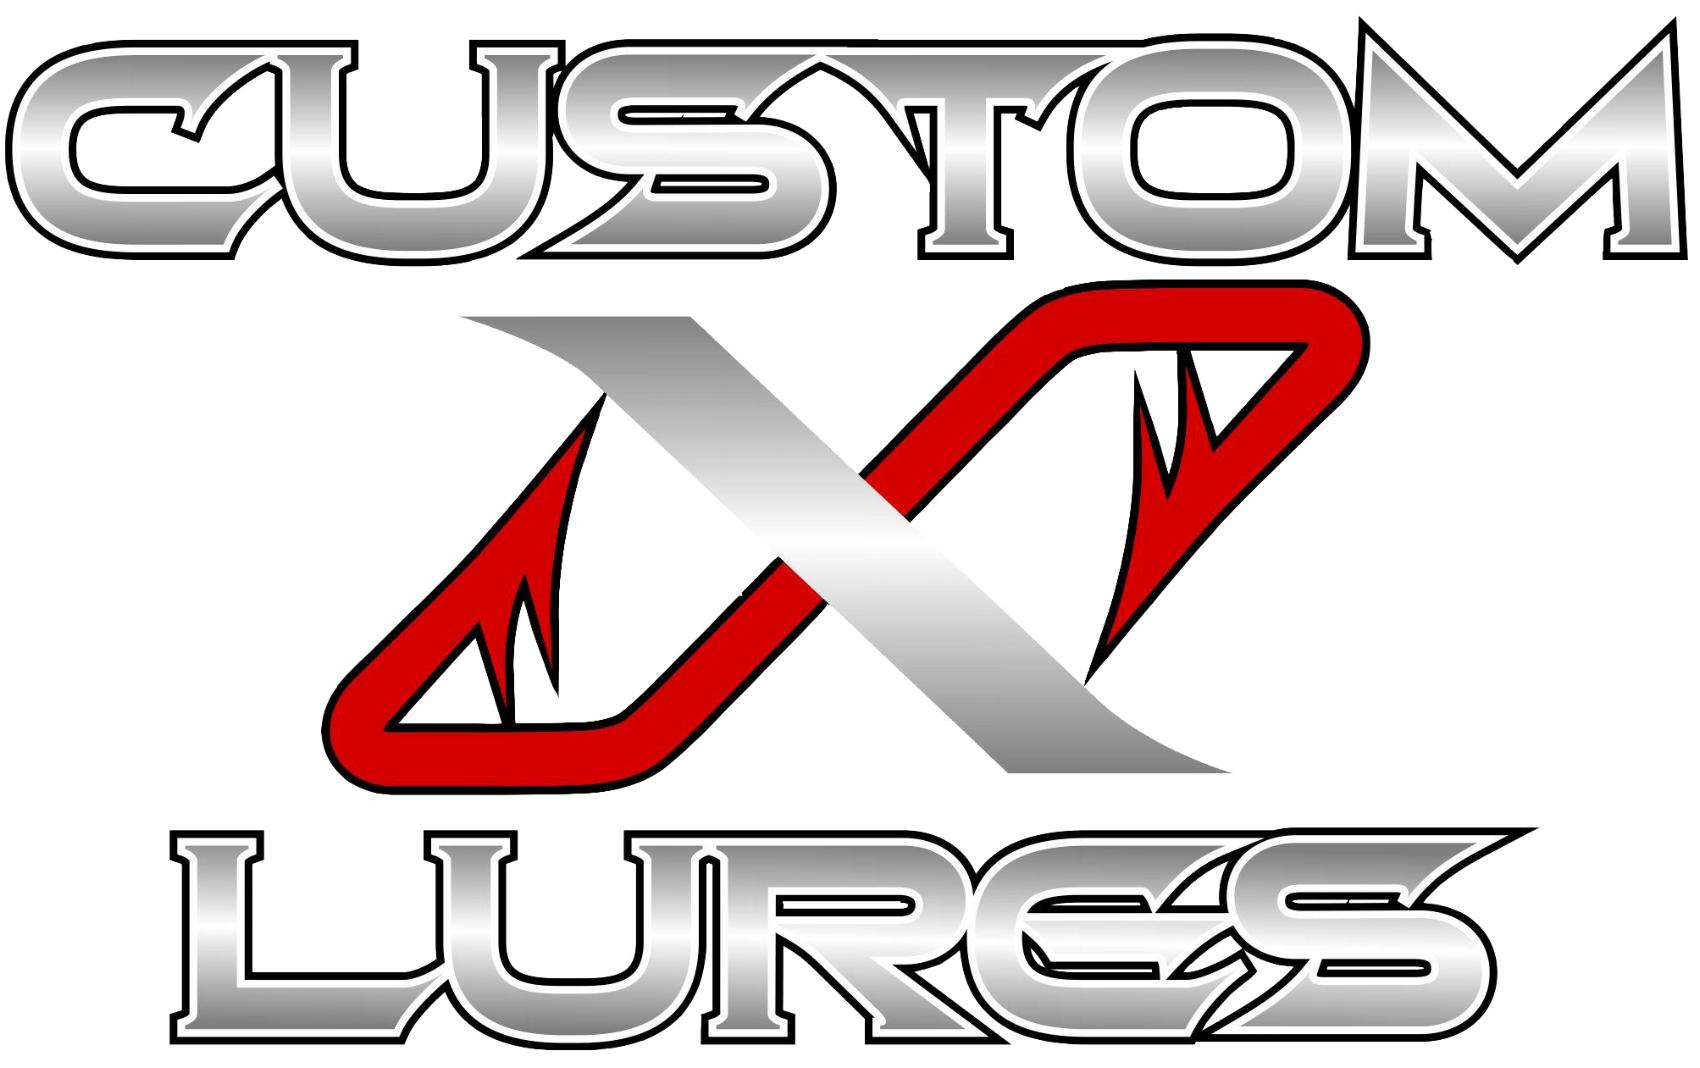 Custom X logo-1 transparent.jpg